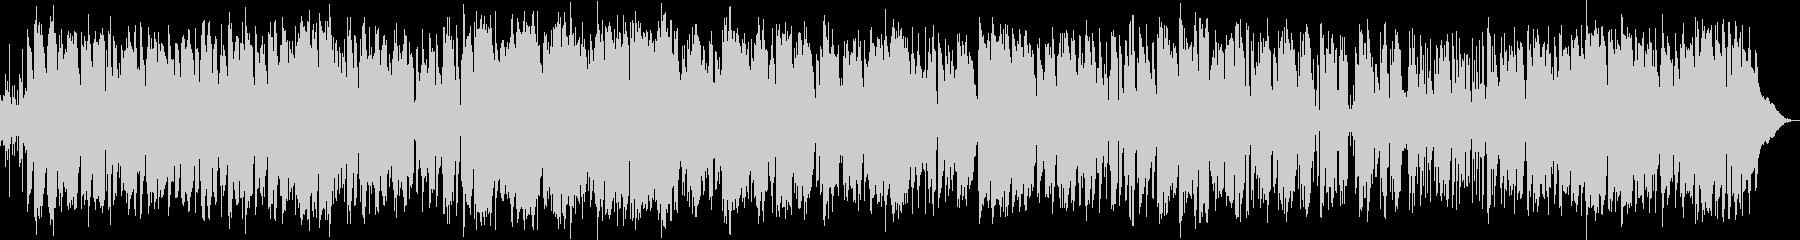 ムードのあるジャズ調でサックス中心の未再生の波形